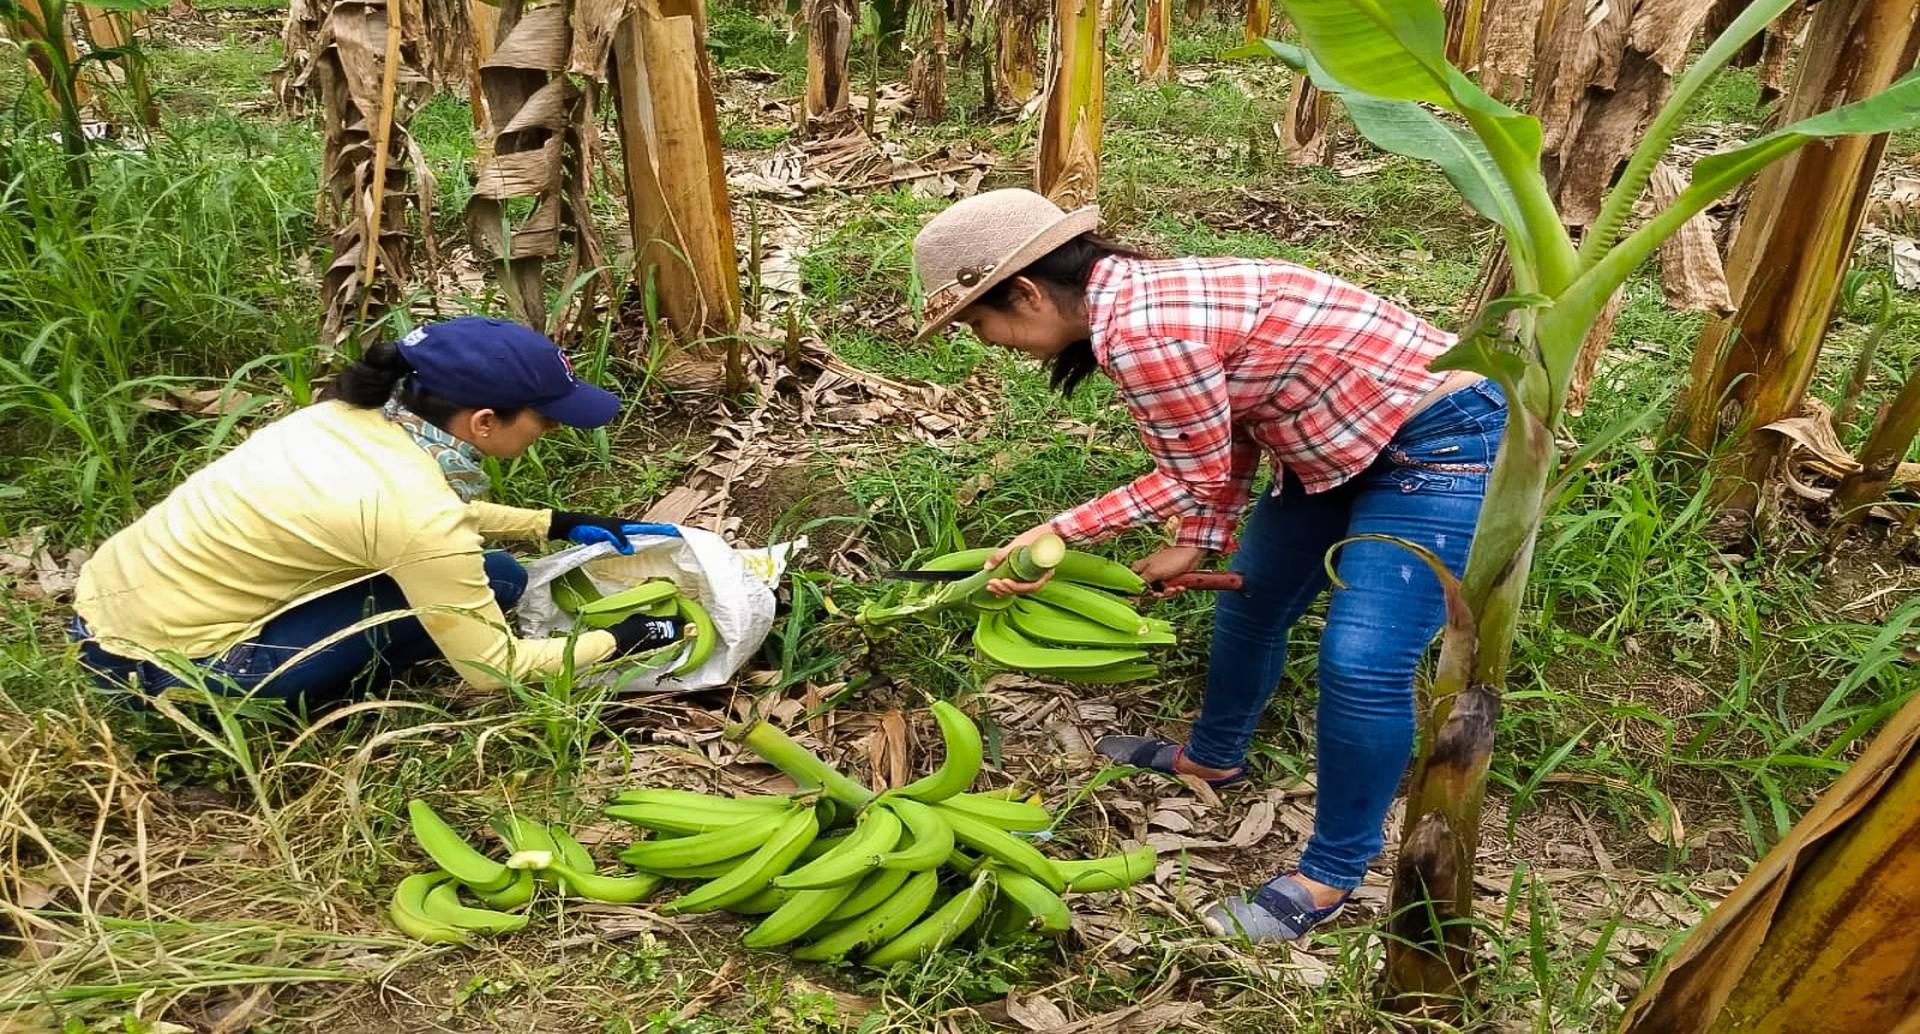 Algunos miembros de la asociación revisan sus cosechas para verificar su calidad.